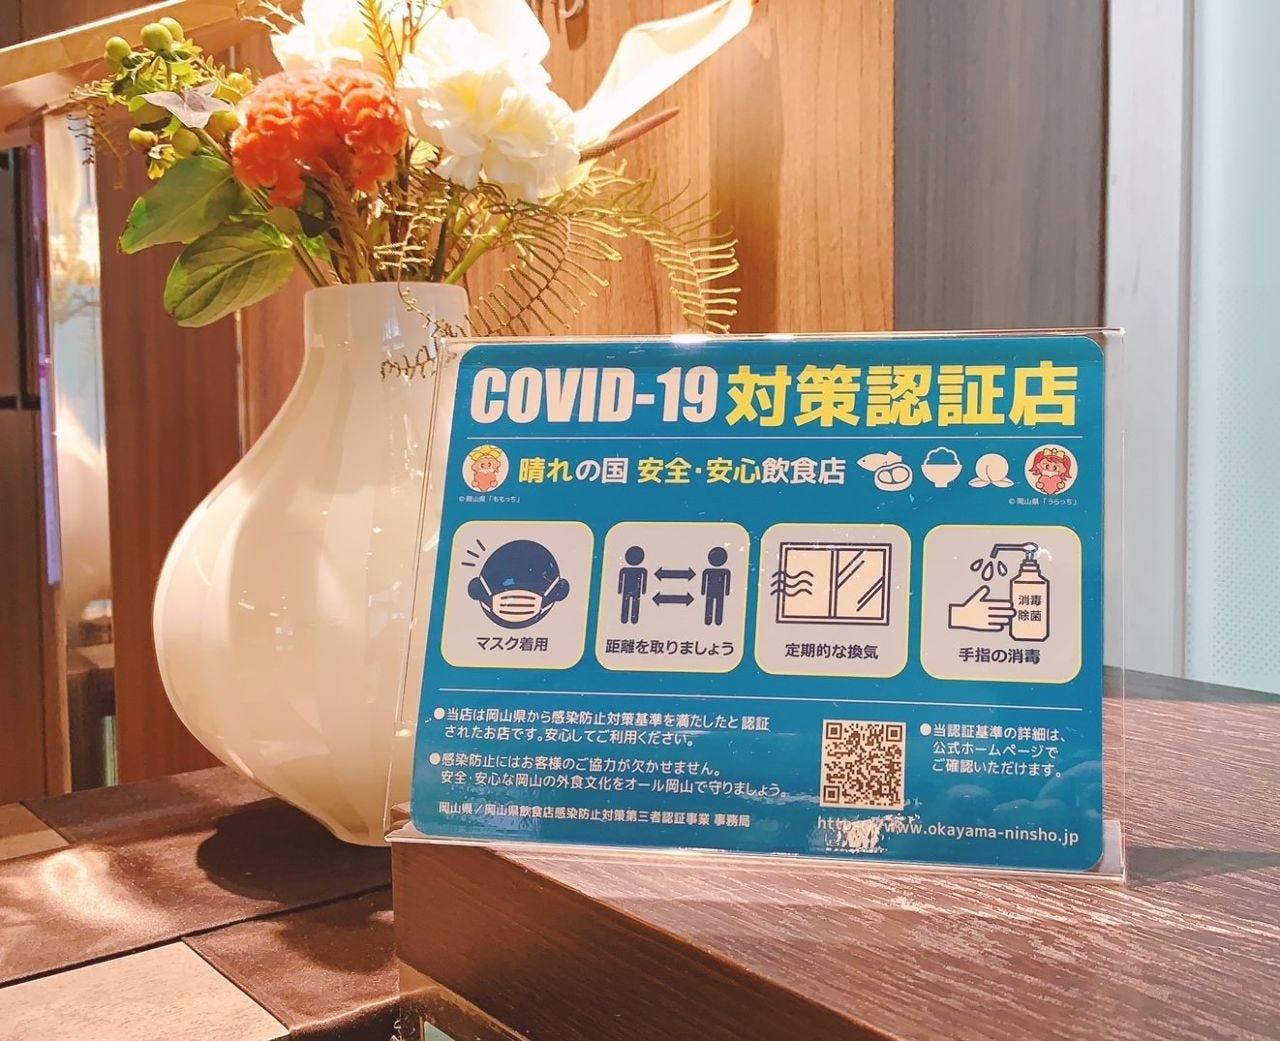 レストラン営業における衛生対策